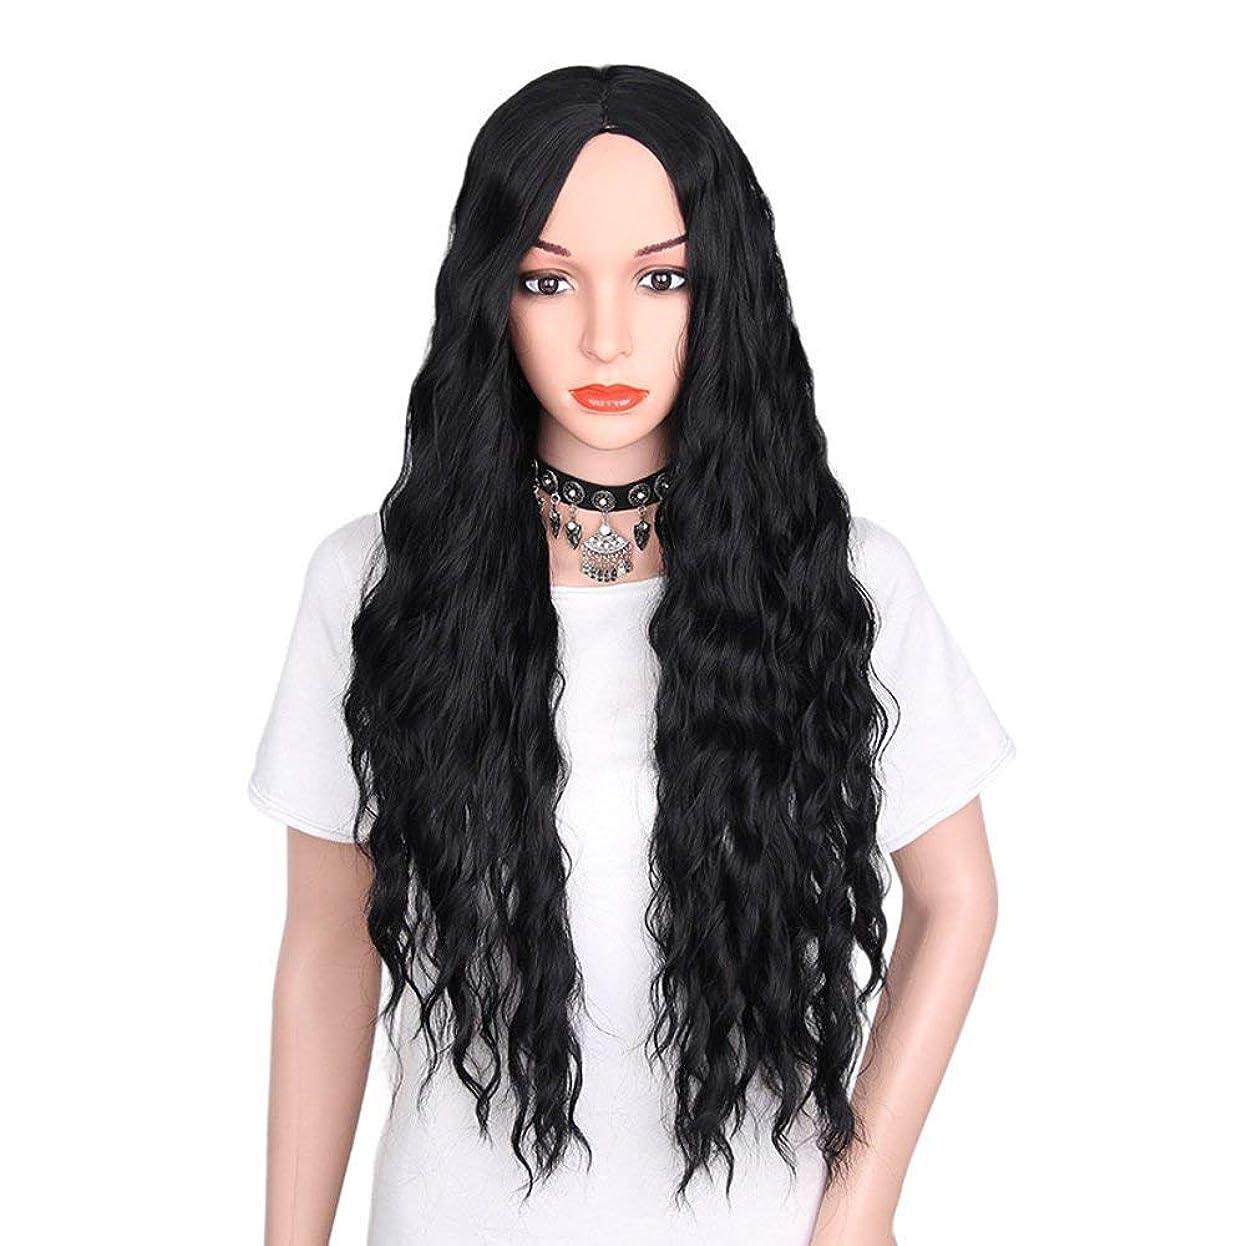 上級偶然エージェント女性のためのかつらの長い巻き毛の自然な作られた合成耐熱かつら